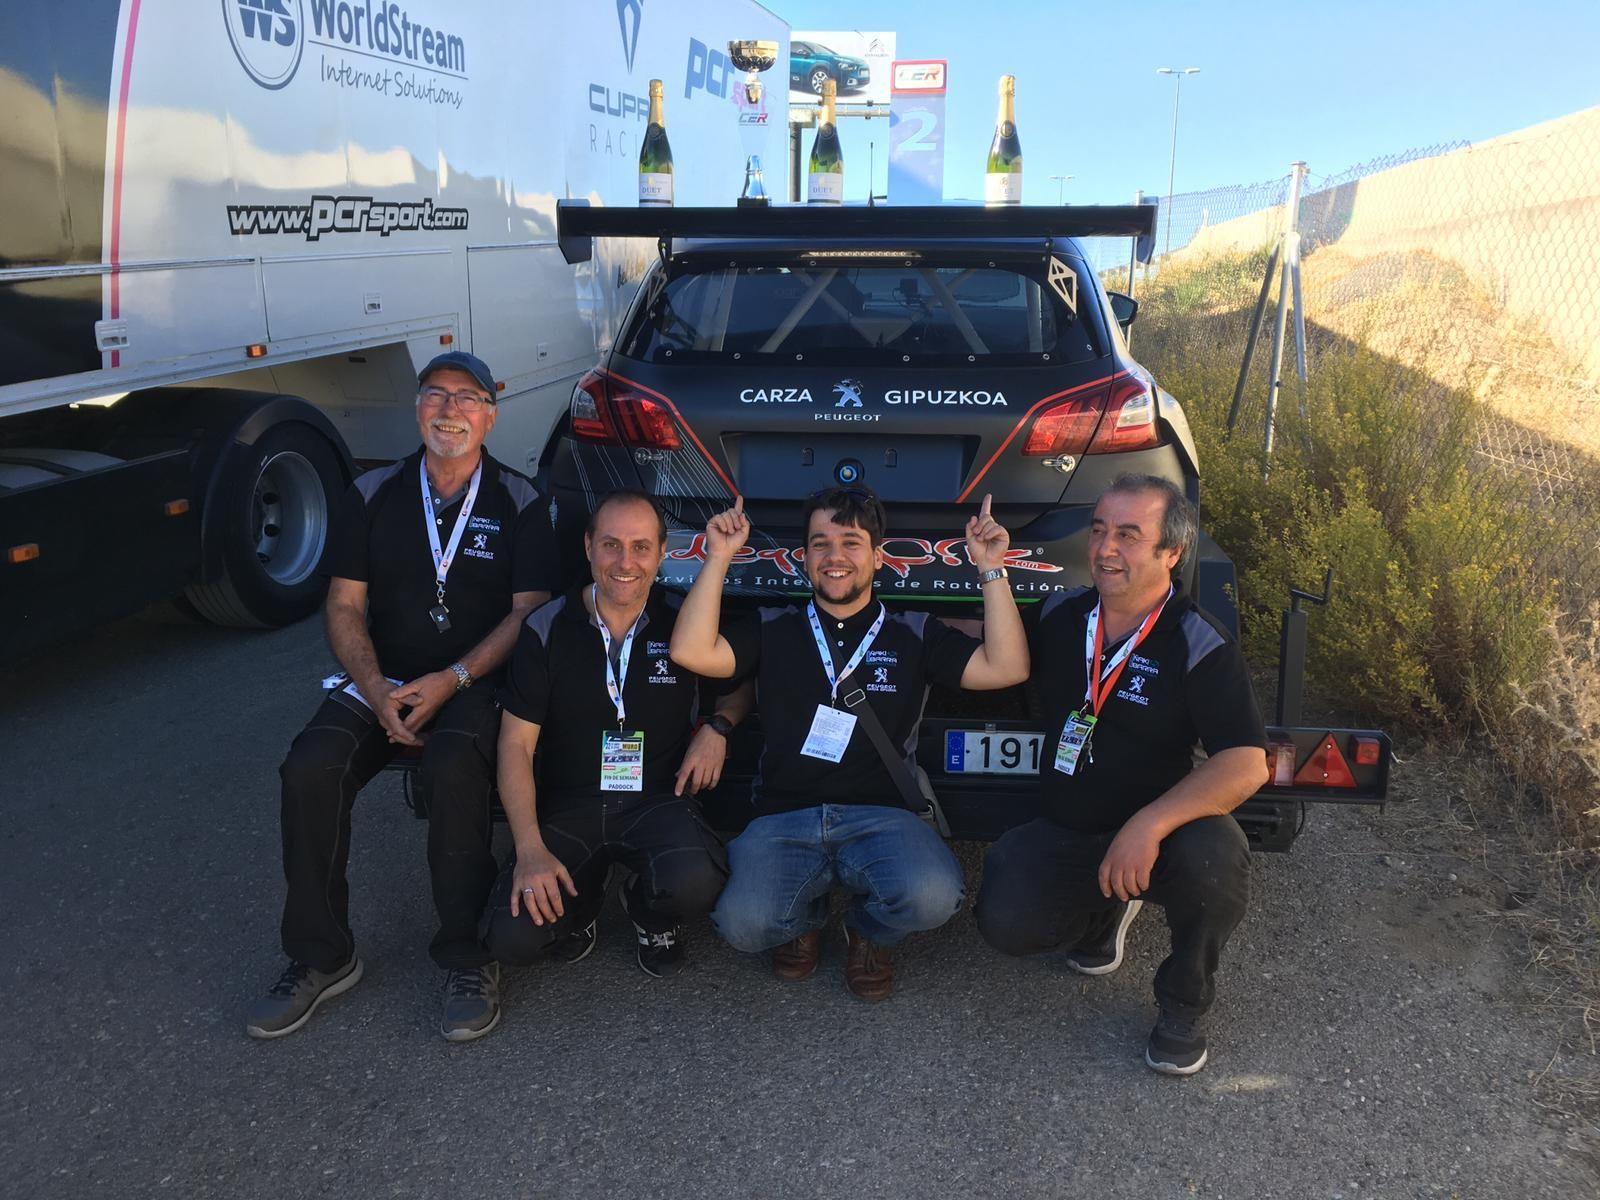 Nuestro piloto Andoni Parrón, Campeón de España en D2